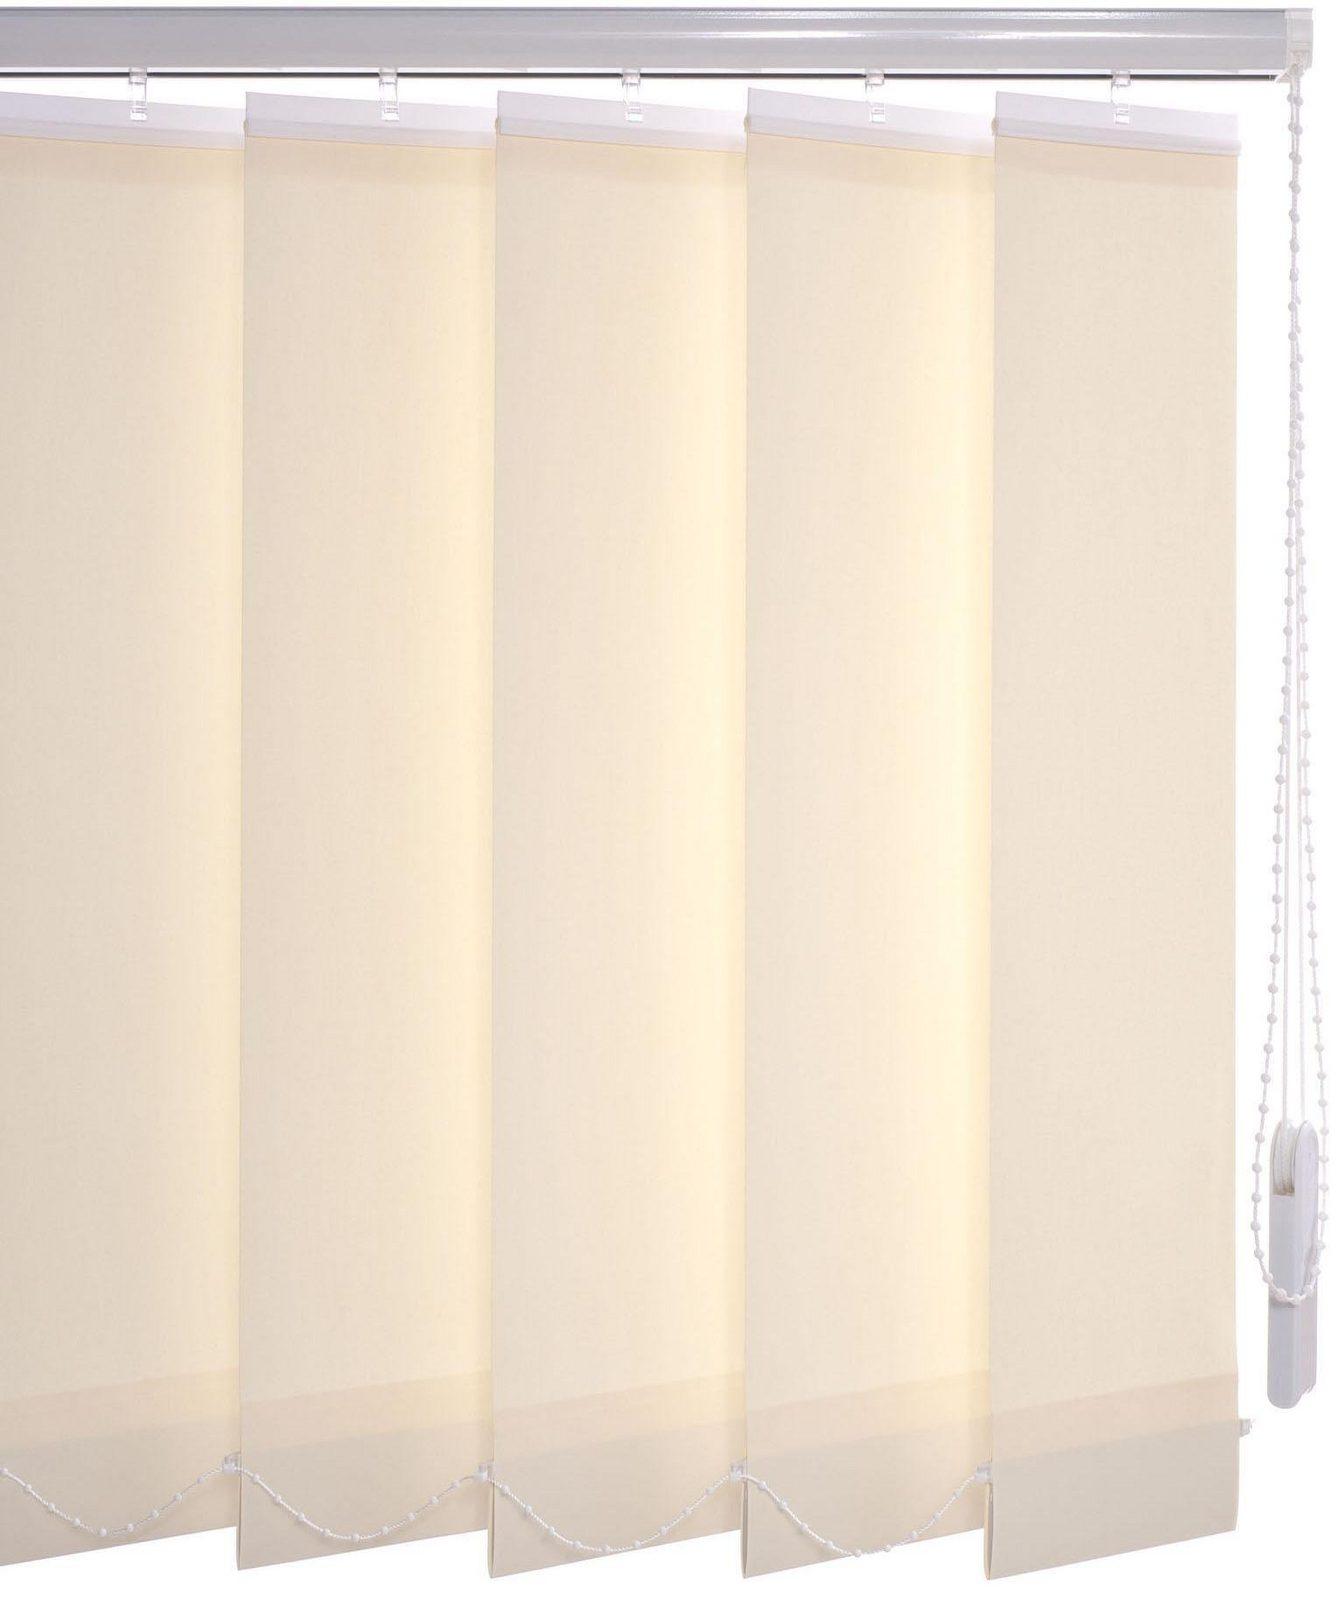 Lamellenanlage, Liedeco, »Vertikalanlage 89 mm«, mit Bohren